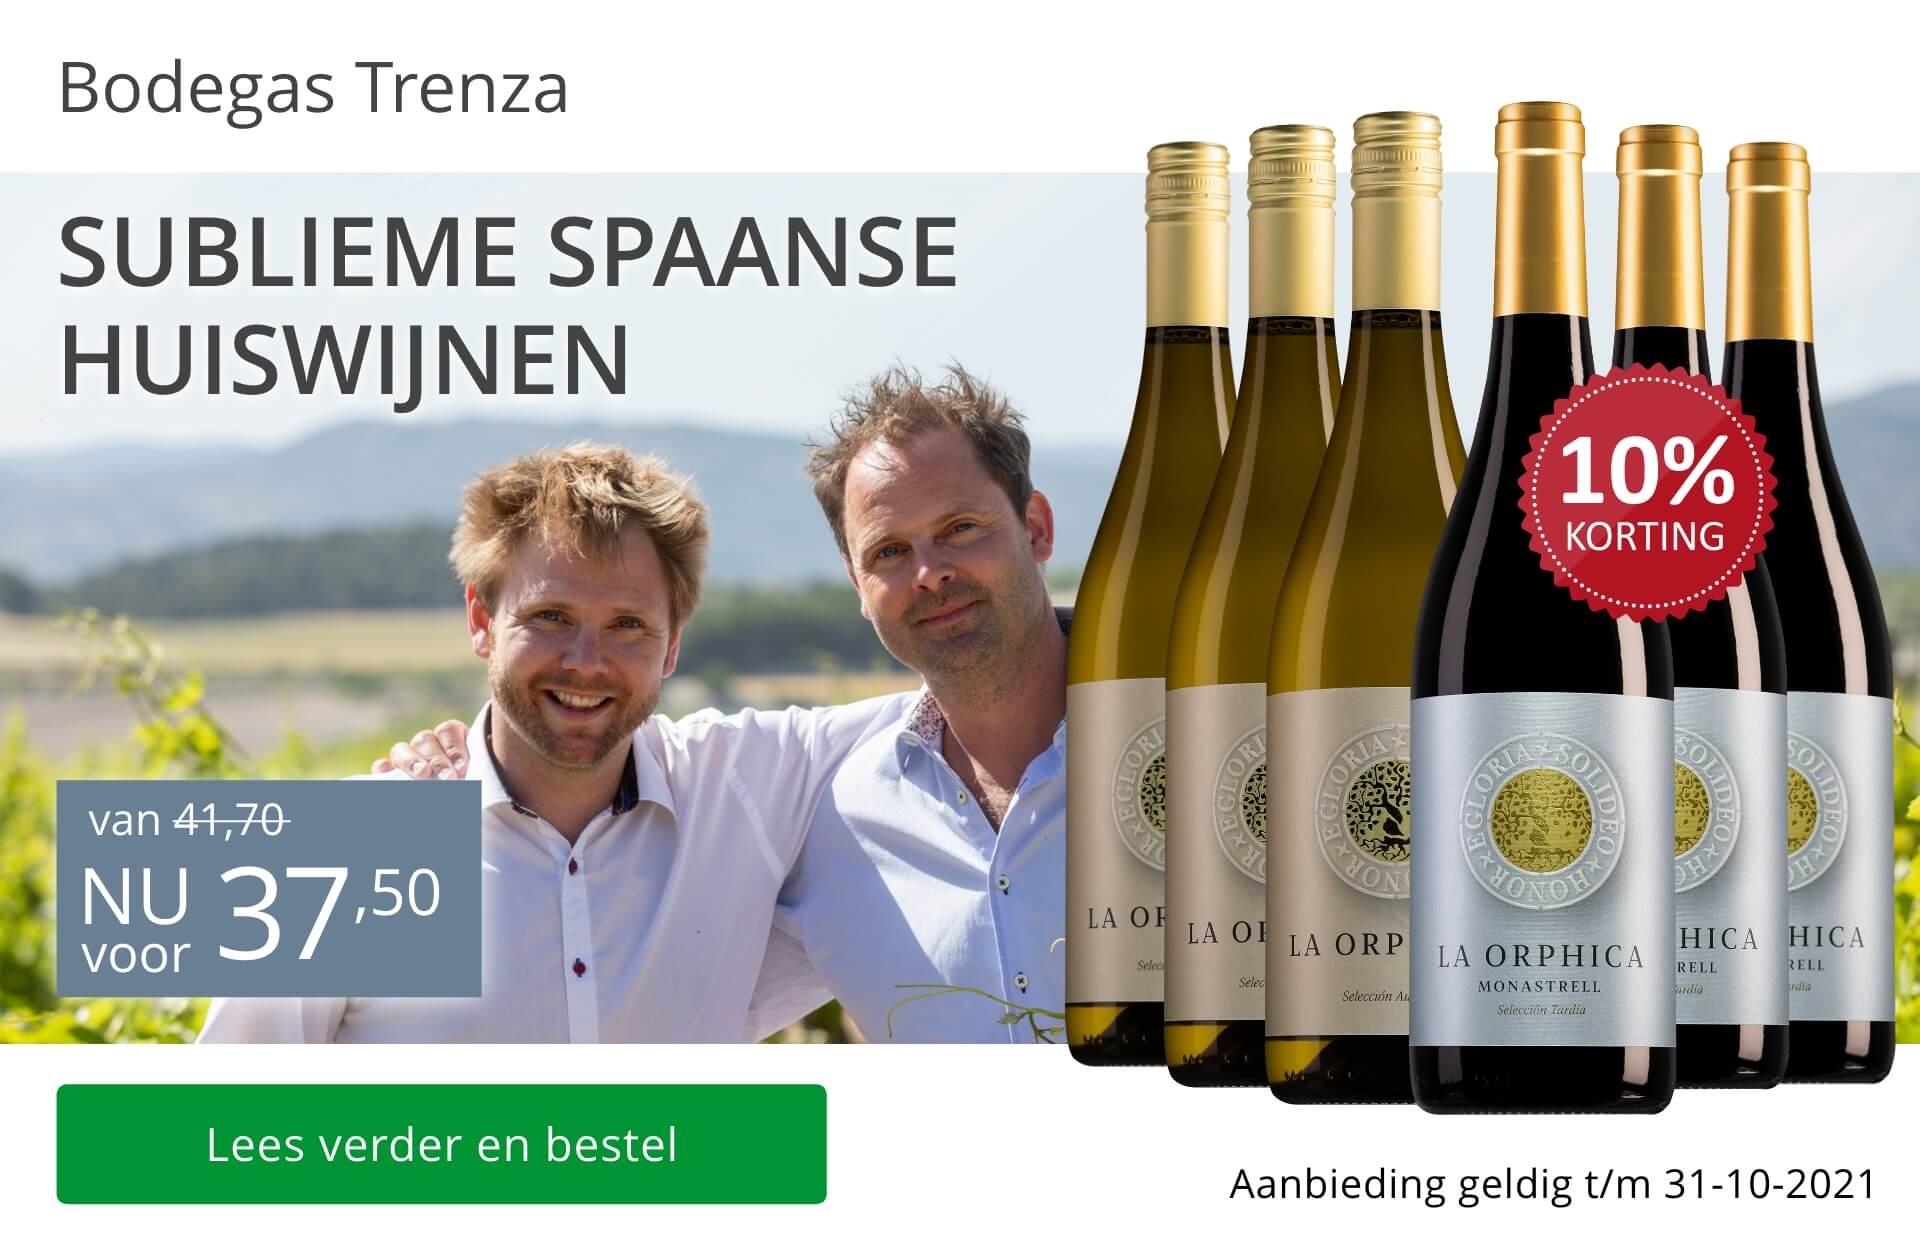 Wijnpakket Bodegas Trenza (huiswijnen)